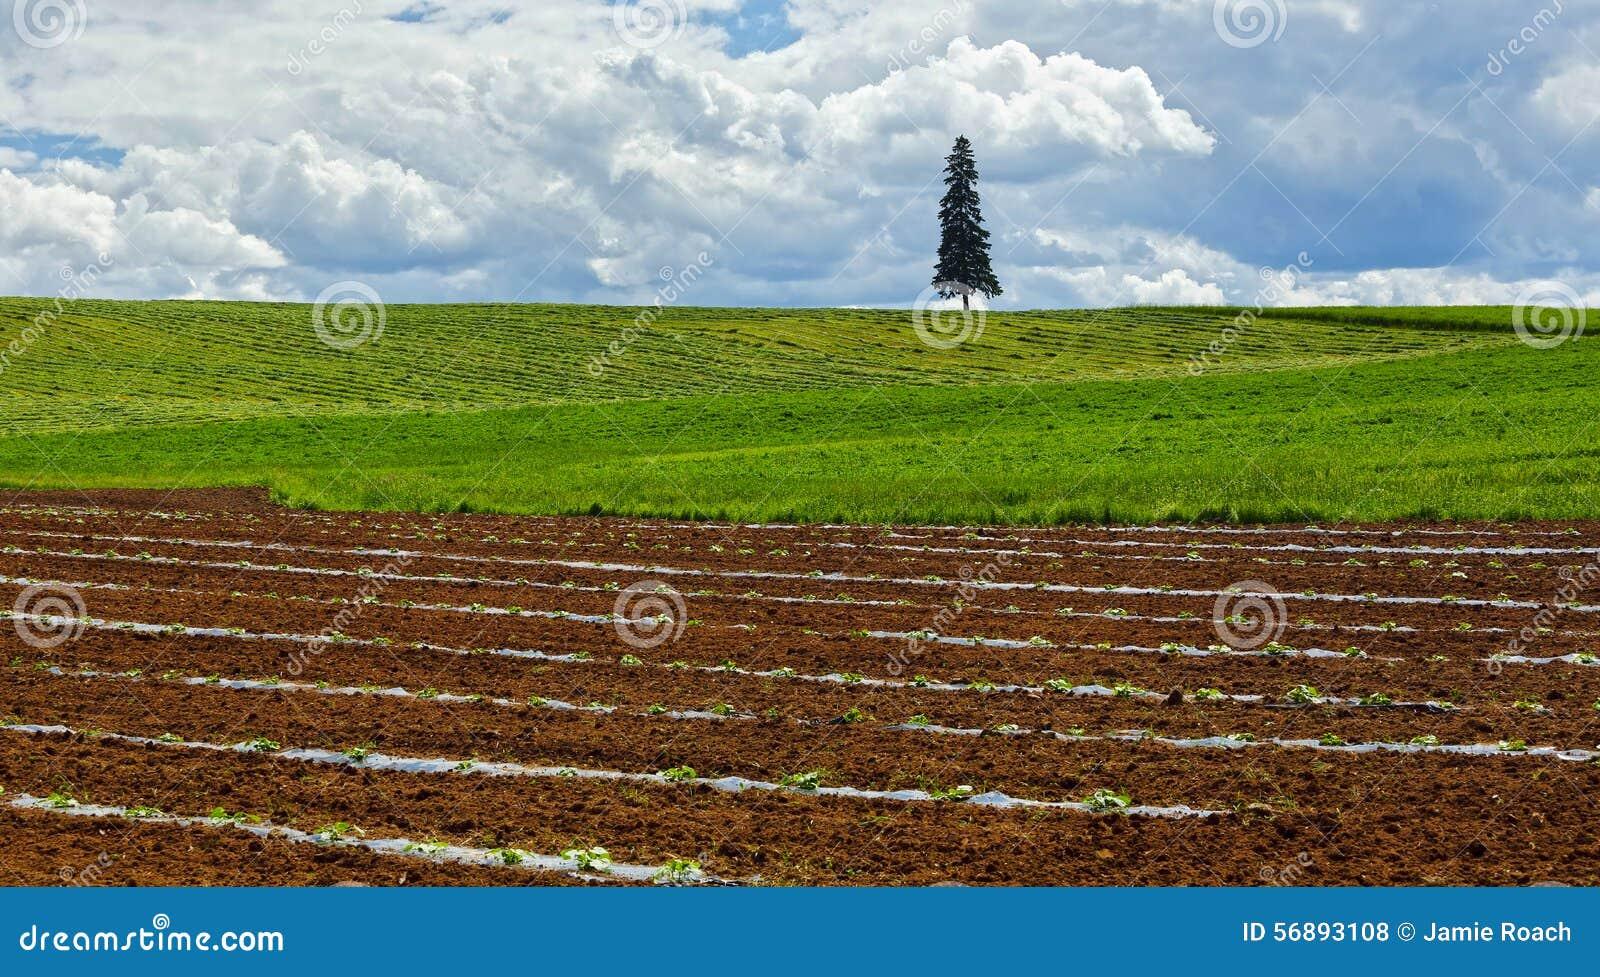 Agricoltura fresca dei raccolti di piantatura del terreno coltivabile